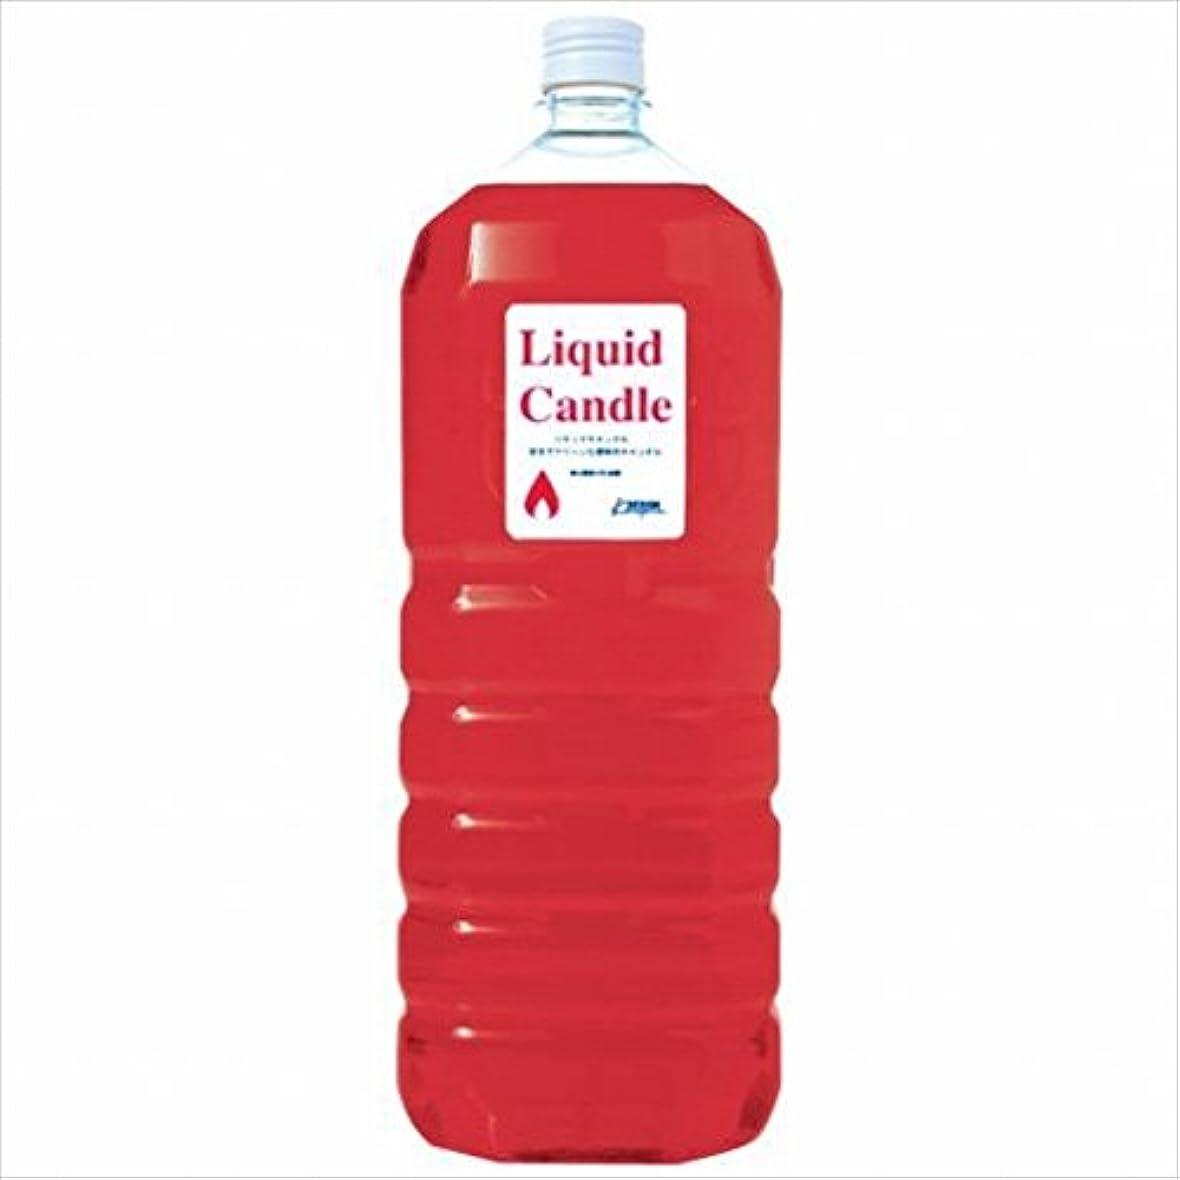 タフブロックする信じられないカメヤマキャンドル( kameyama candle ) リキッドキャンドル2リットル 「 レッド 」